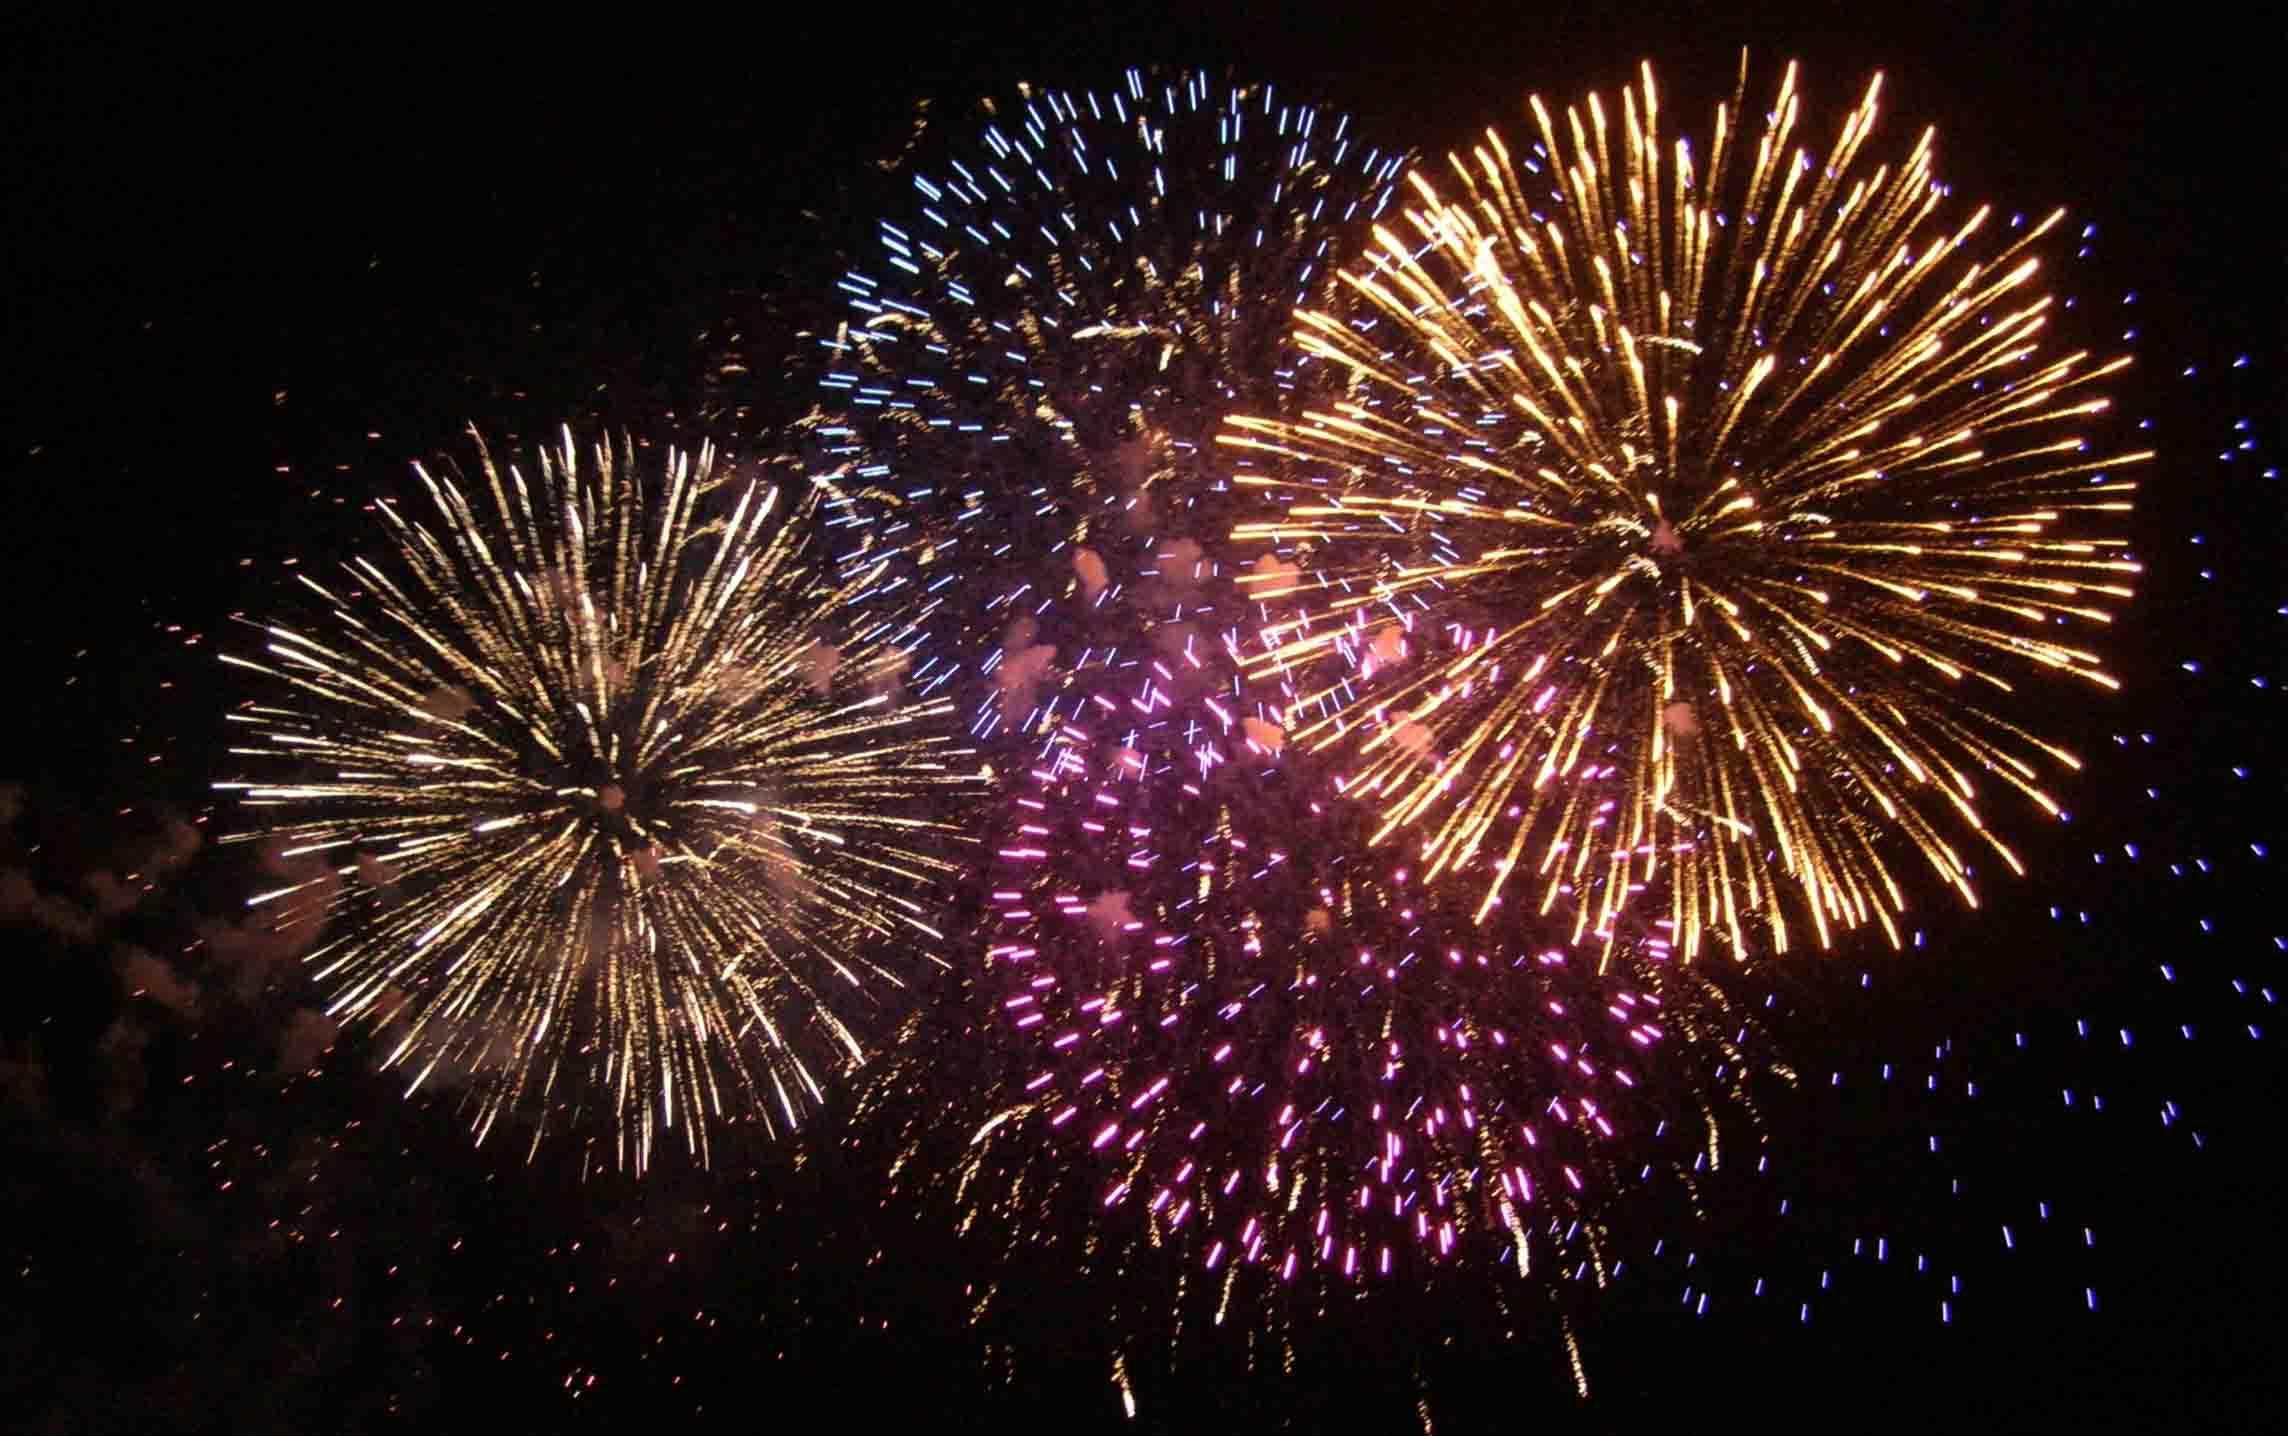 Para la fiesta de fin de año y la celebración posterior se desplegarán operativos que velen por la integridad de las personas